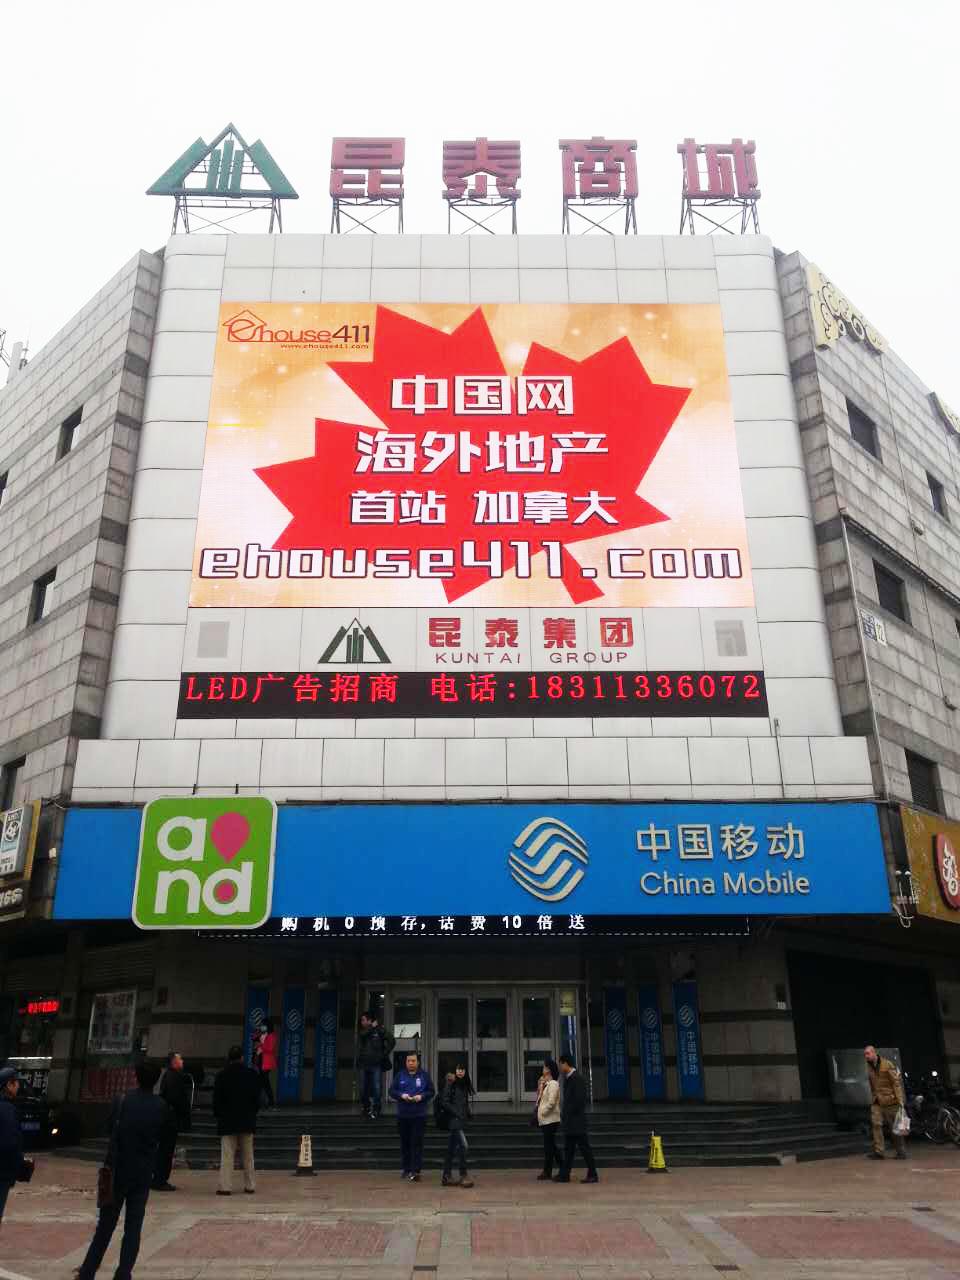 中国网 海外地产 广告 北京 朝外